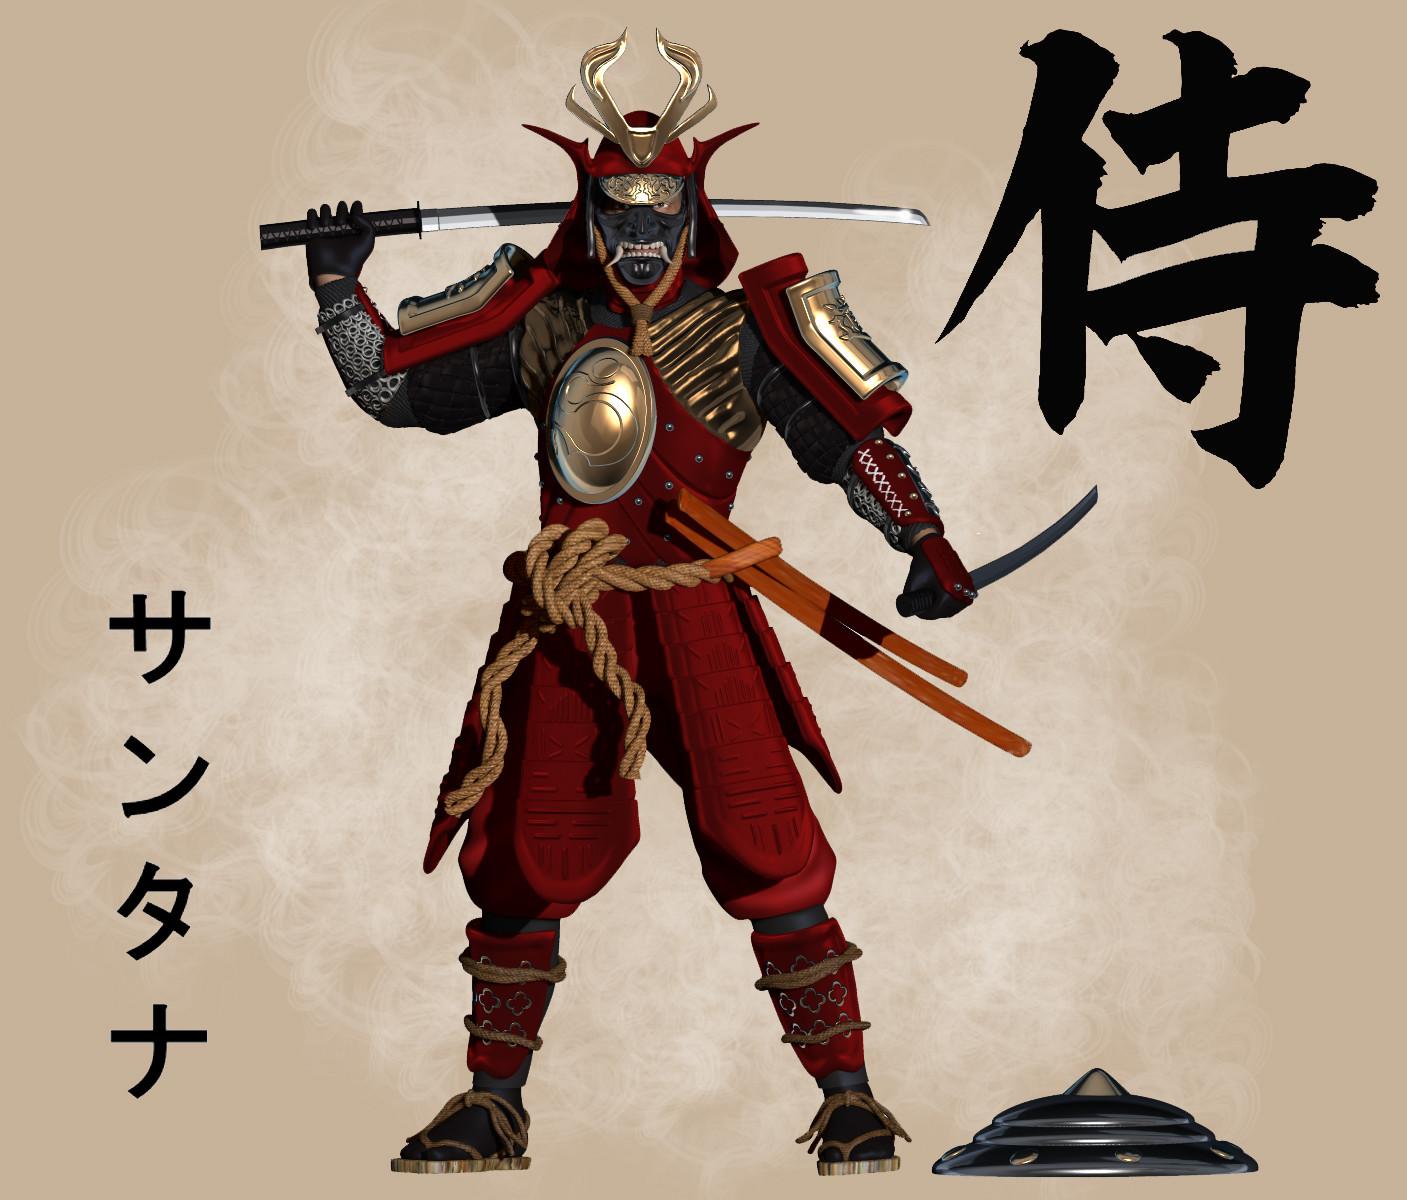 самураи ронины в картинках пришли ужас